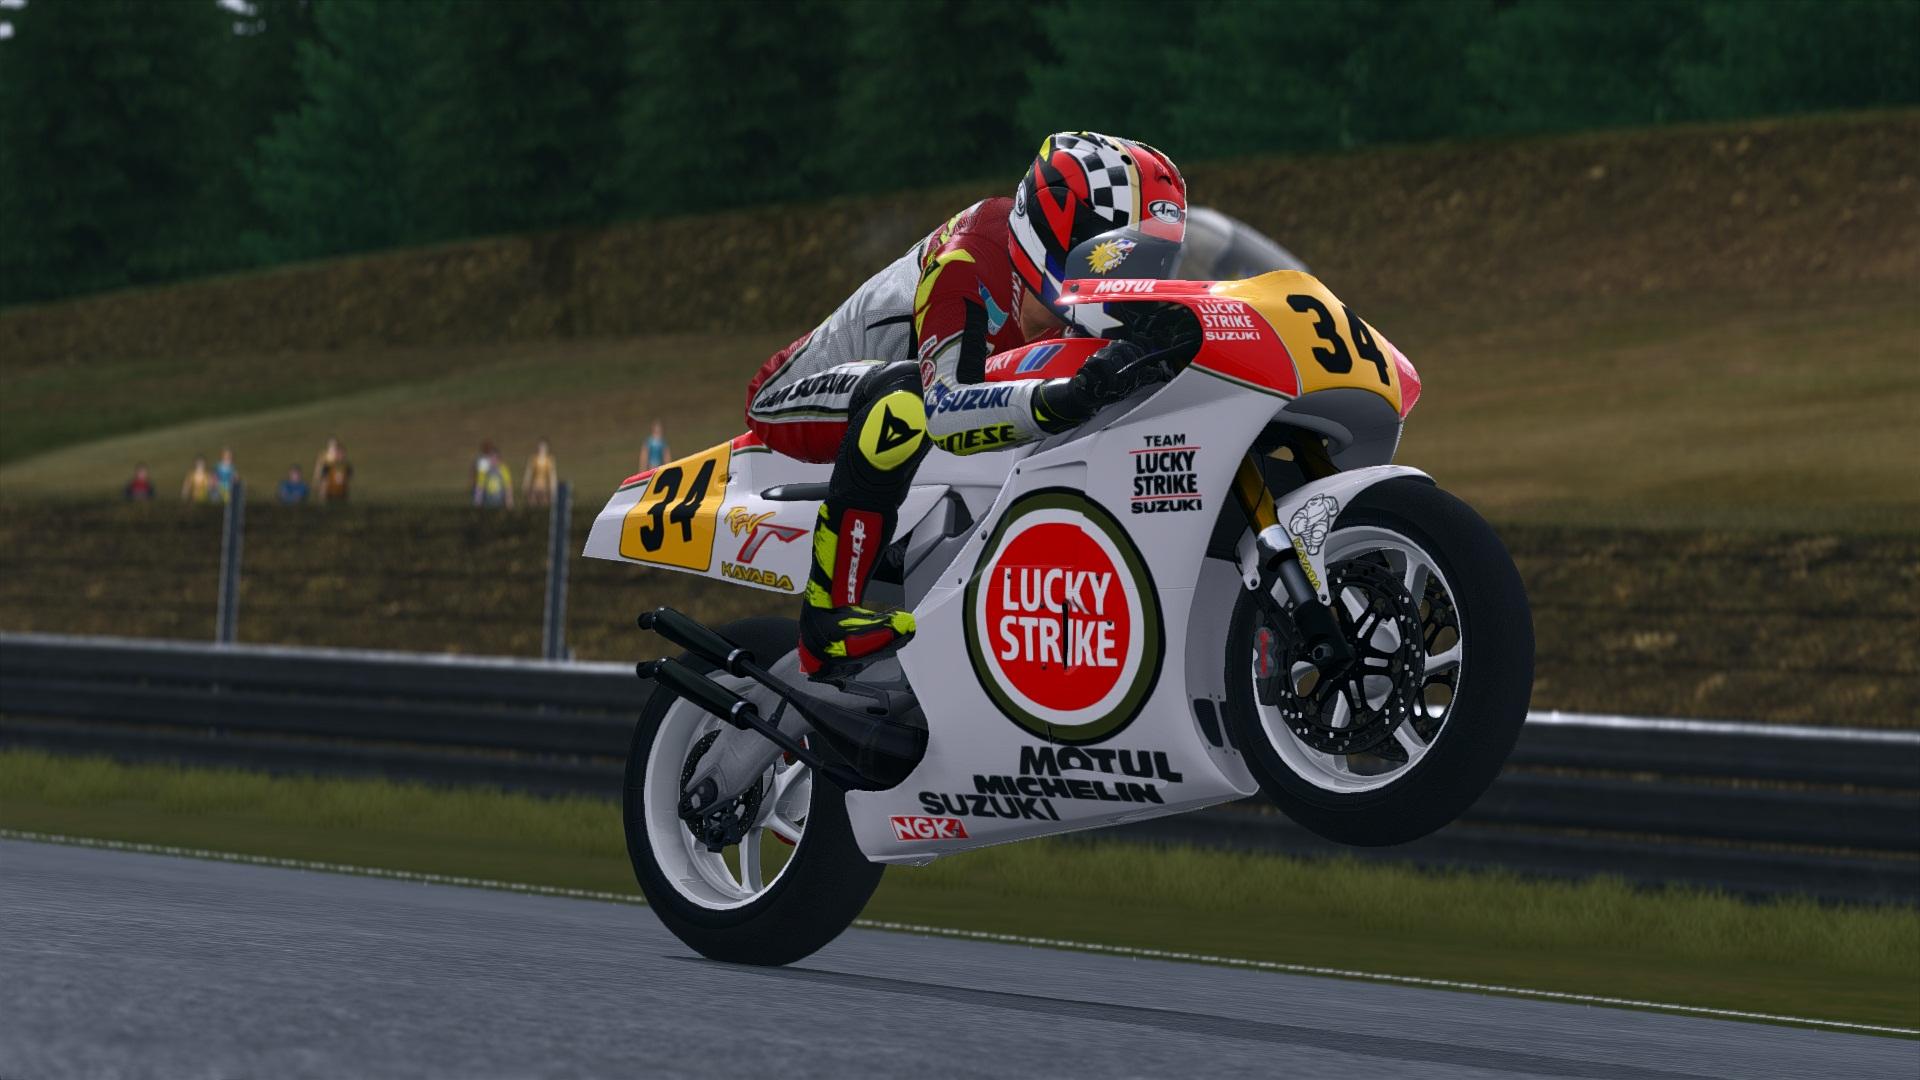 MotoGP14X64.exe_DX11_20140815_152910.jpg